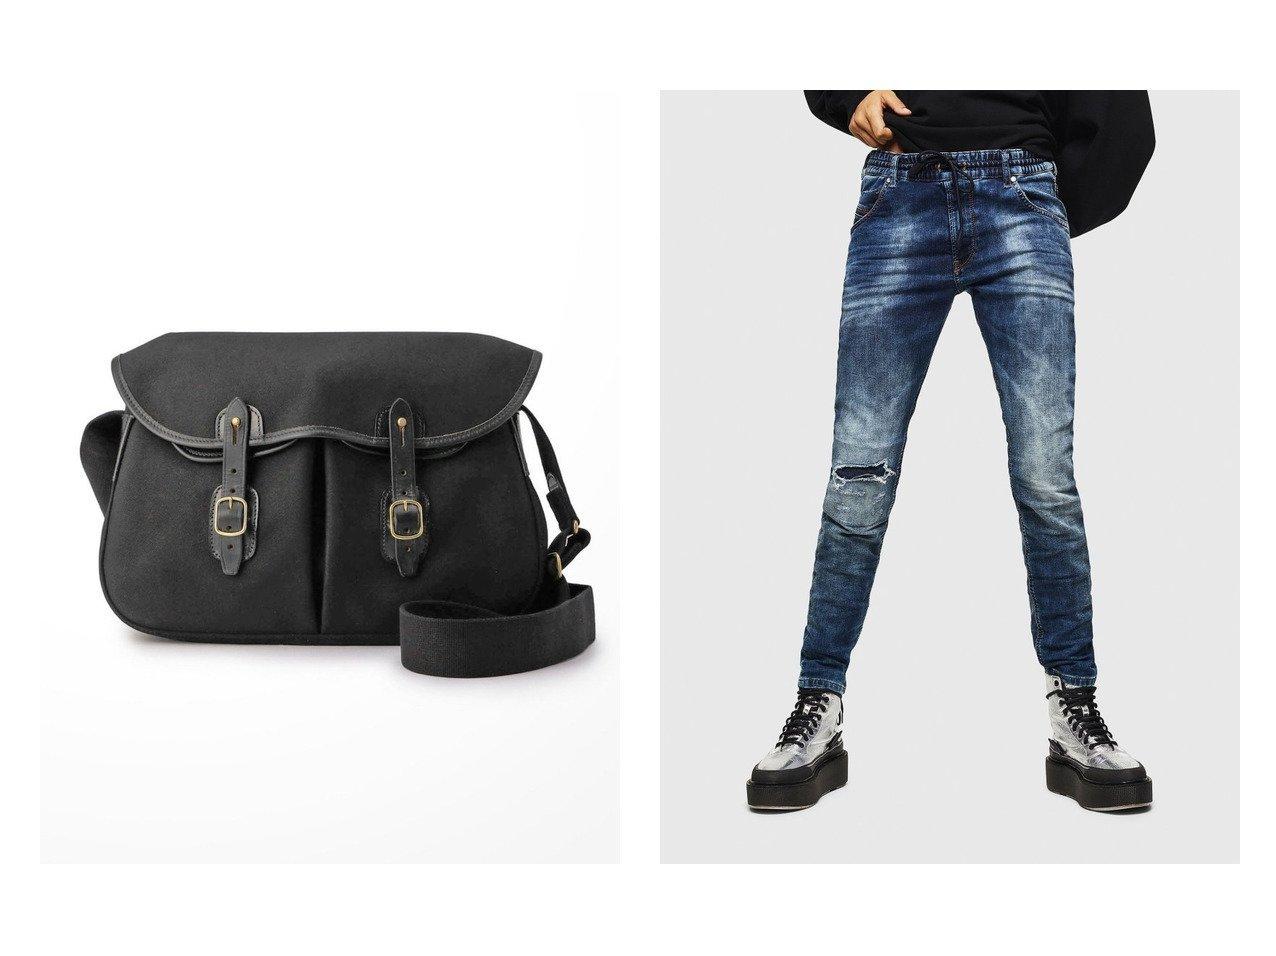 【DIESEL/ディーゼル】のKrailey JoggJeans 069AA&【Bshop/ビショップ】の【Brady】ARIEL TROUT LARGE おすすめ!人気、トレンド・レディースファッションの通販 おすすめで人気の流行・トレンド、ファッションの通販商品 インテリア・家具・メンズファッション・キッズファッション・レディースファッション・服の通販 founy(ファニー) https://founy.com/ ファッション Fashion レディースファッション WOMEN パンツ Pants ダブル フラップ ポケット 定番 Standard おすすめ Recommend ジーンズ テーパード フィット プレーン |ID:crp329100000047989